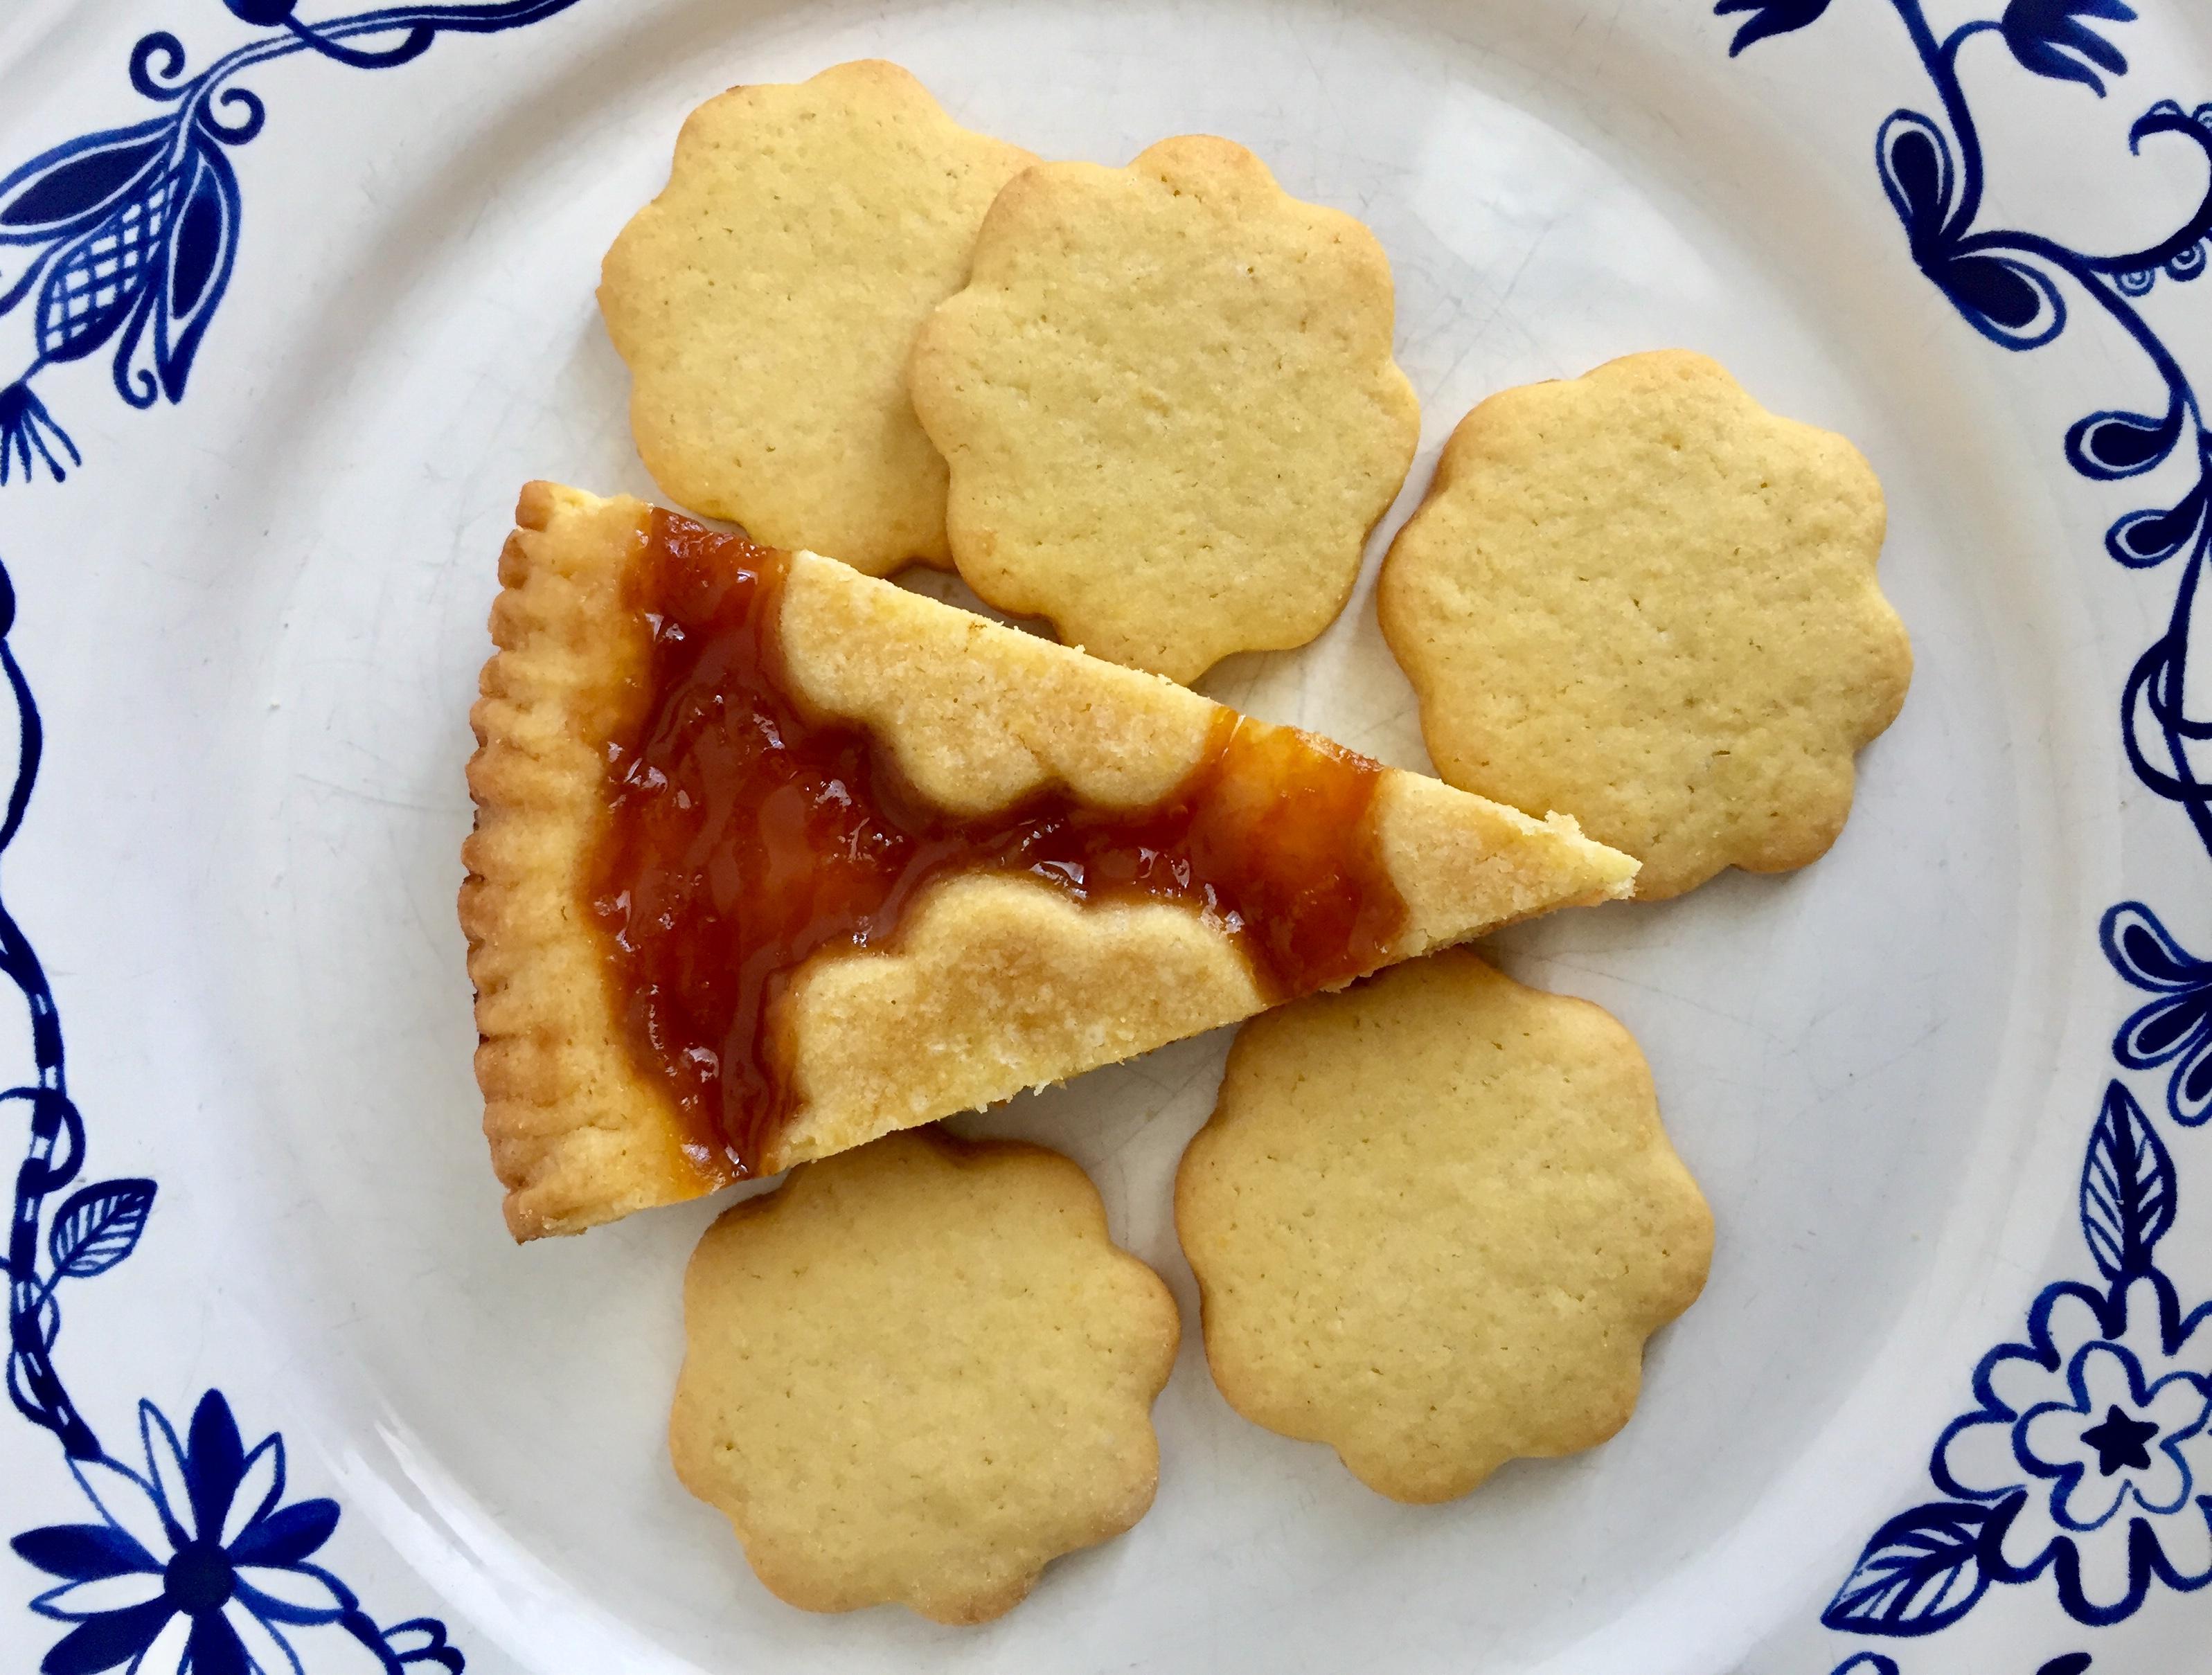 La crostata alla confettura di mia zia, ovvero la mia crostata preferita